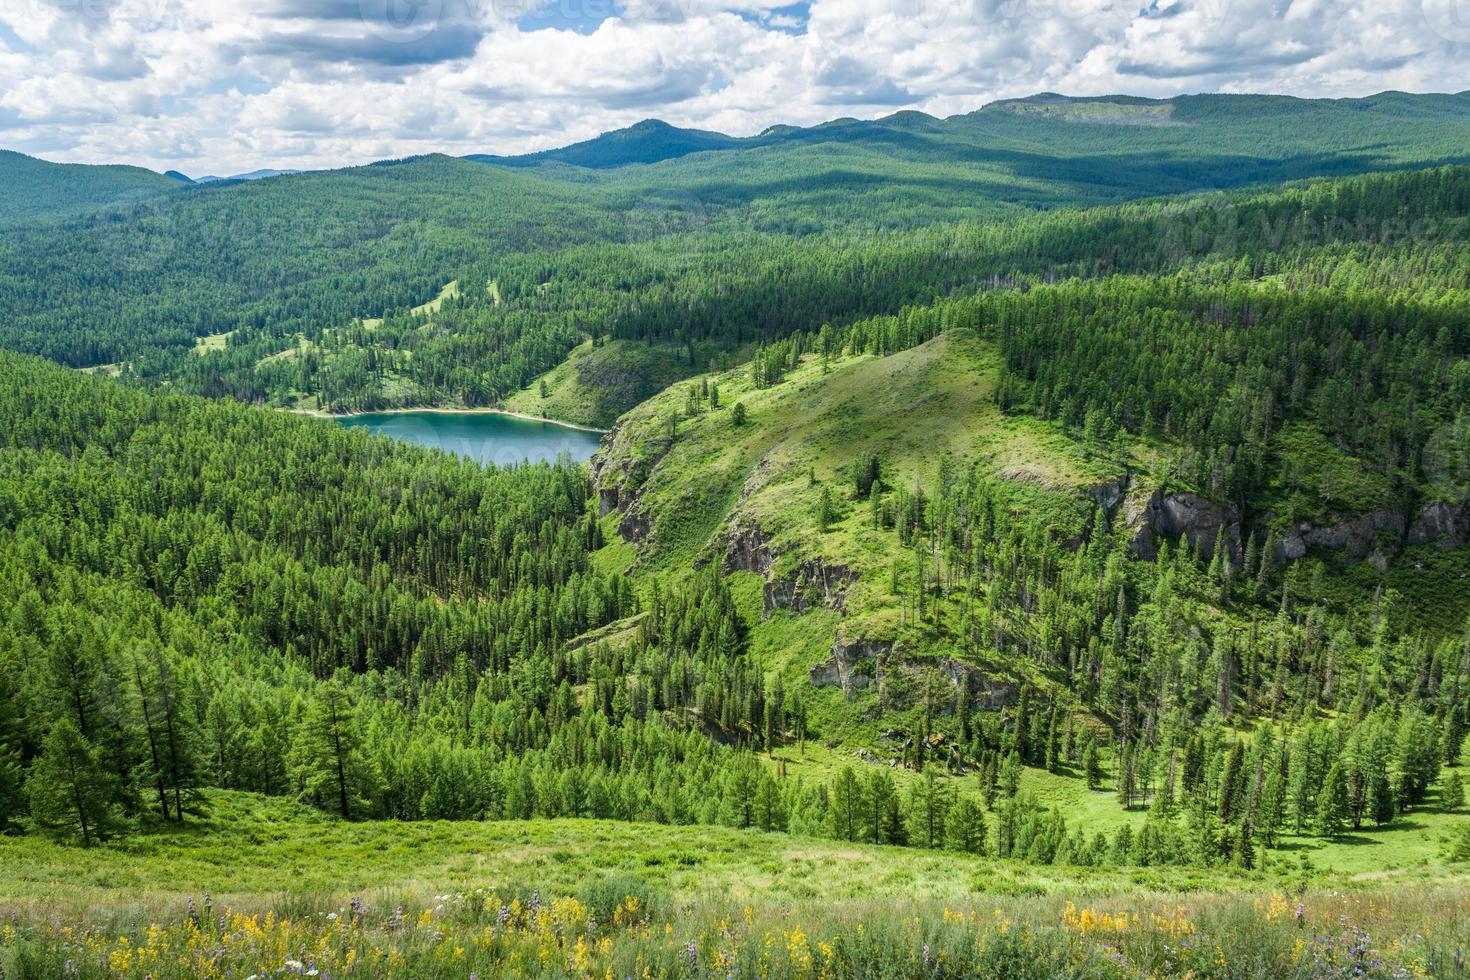 lago da floresta foto